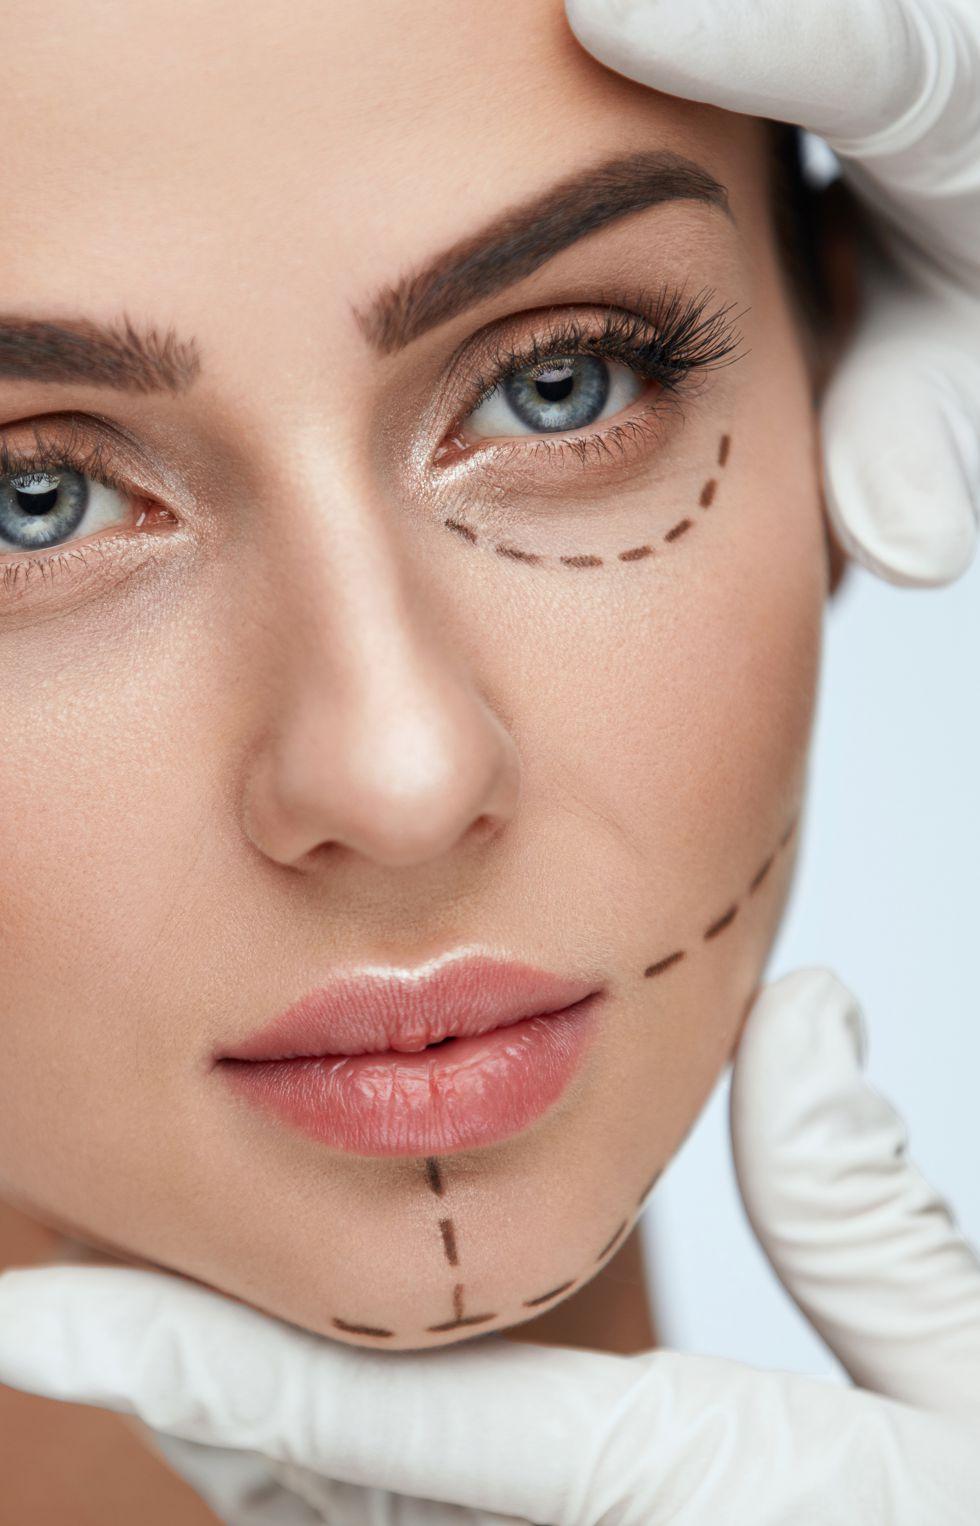 Cristal Beauty chirurgia plastica torino